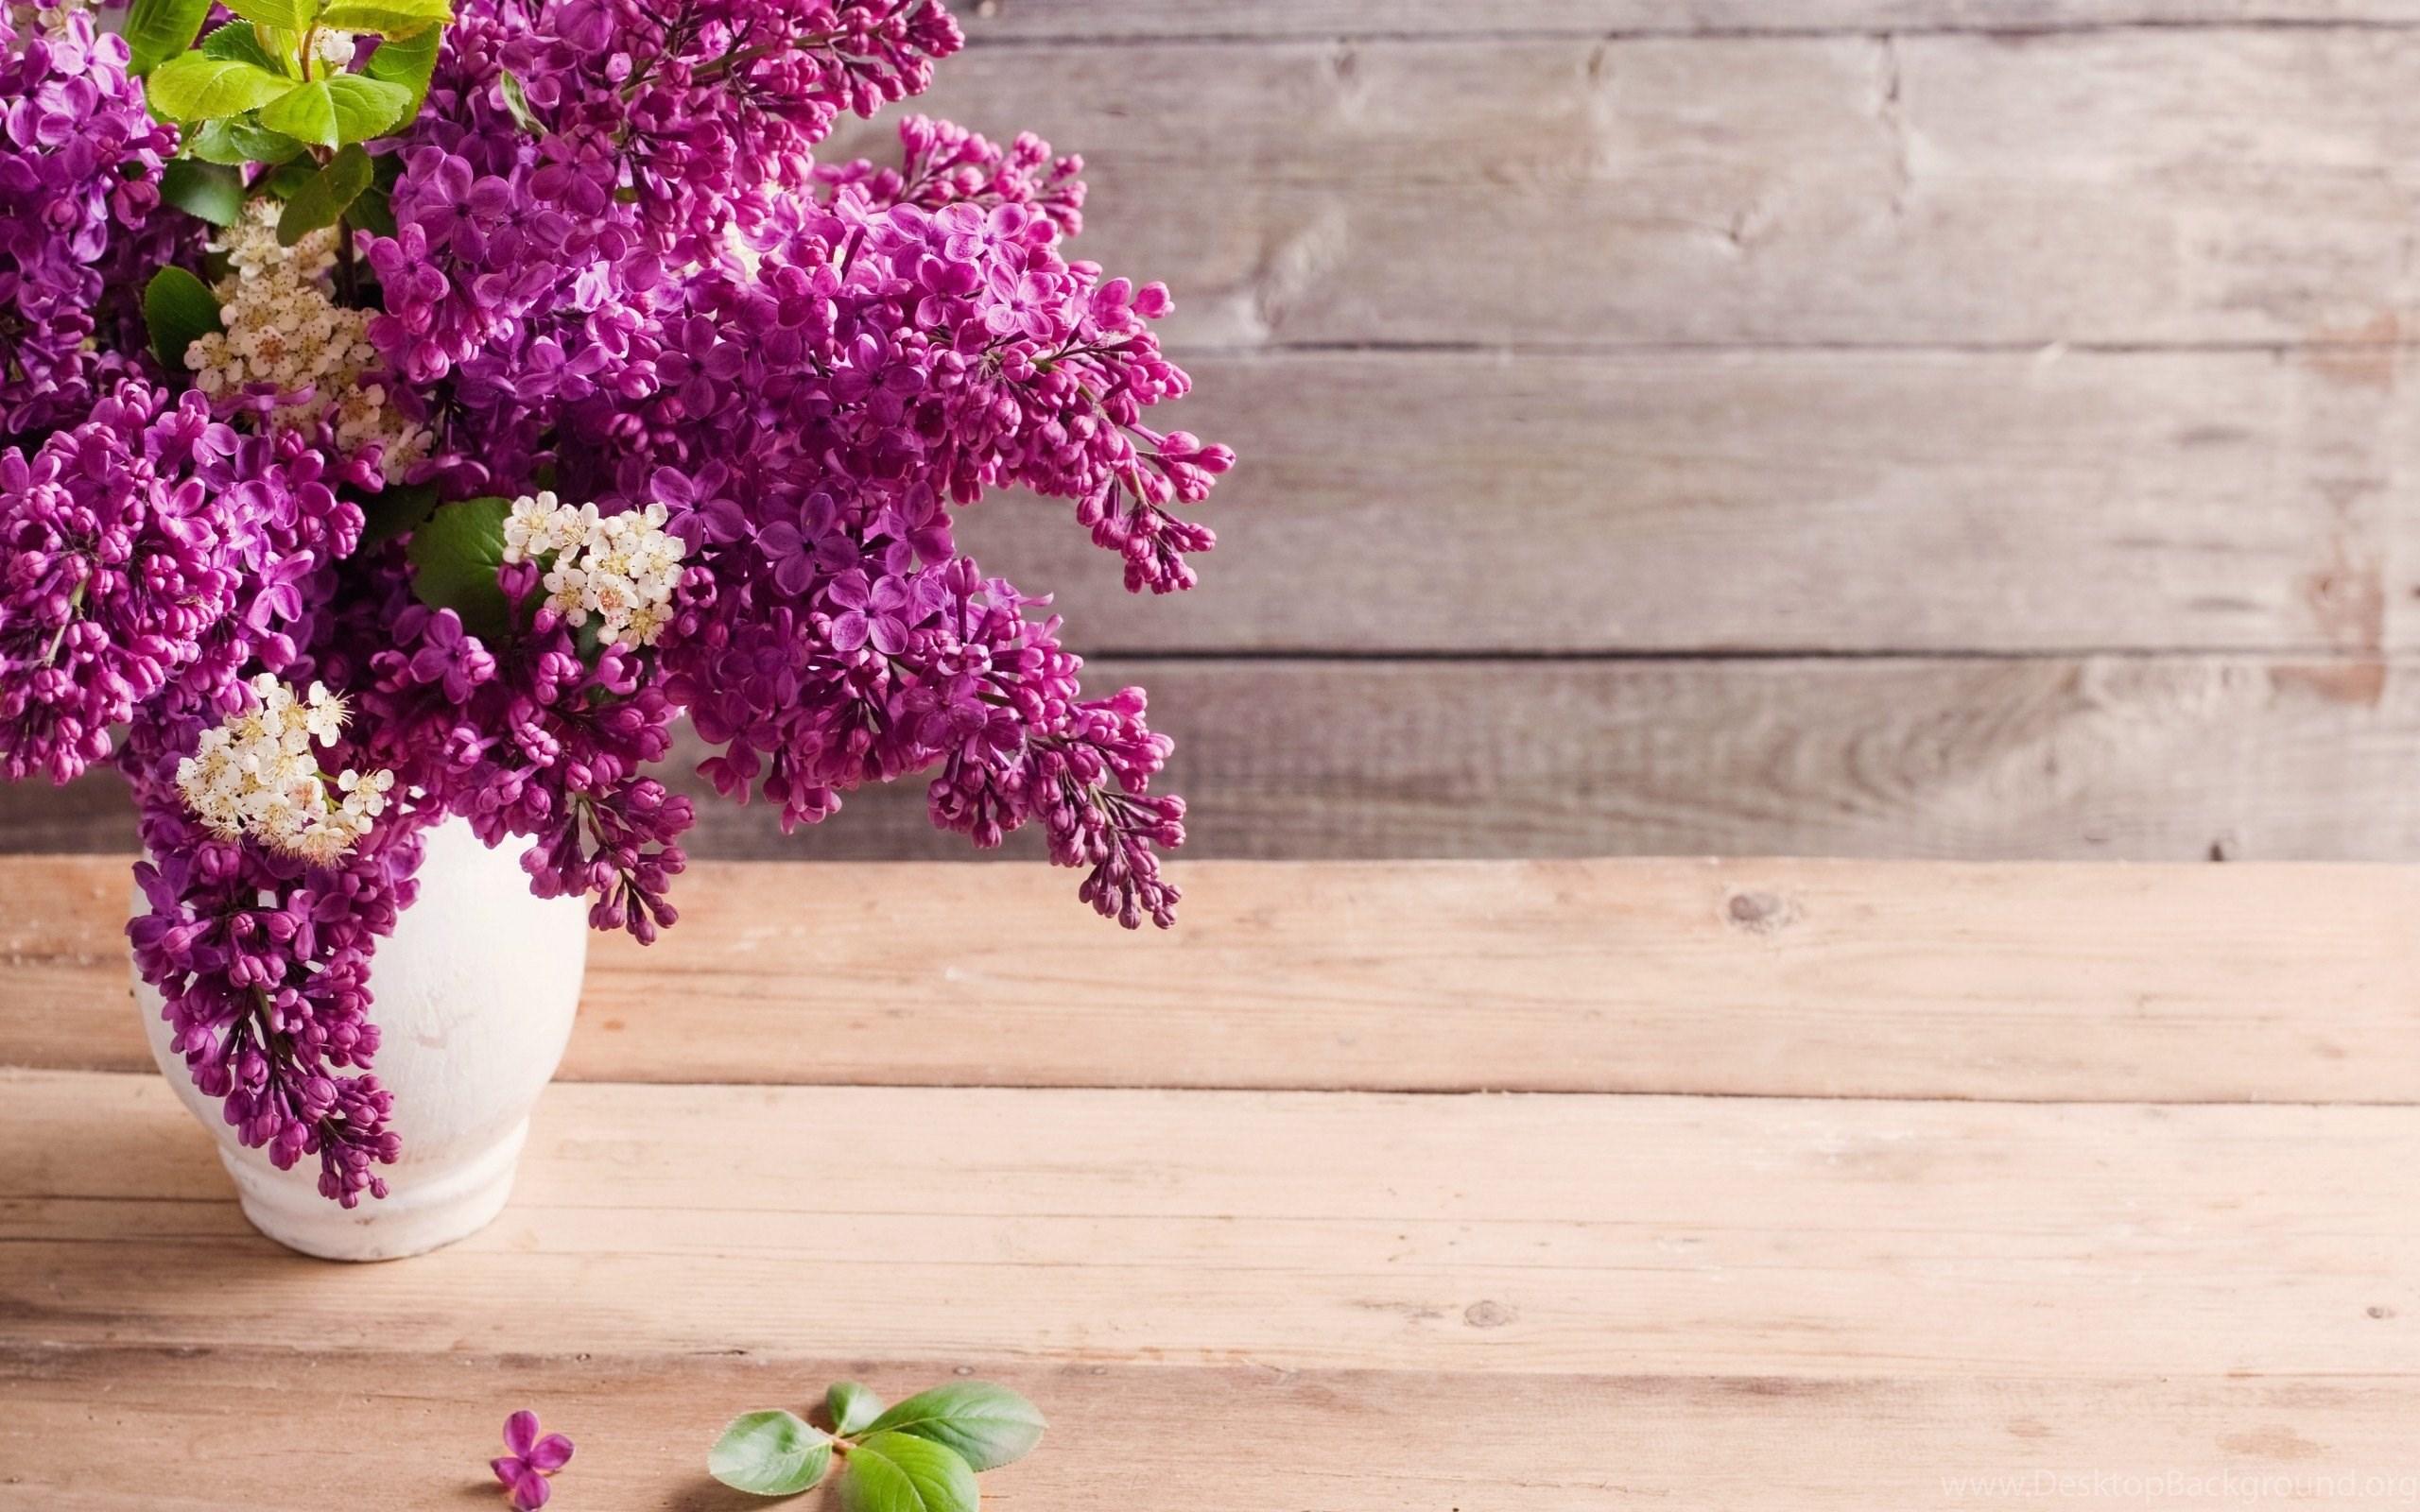 Flower bouquet wallpapers for desktop backgrounds ndemok desktop original size 6413kb izmirmasajfo